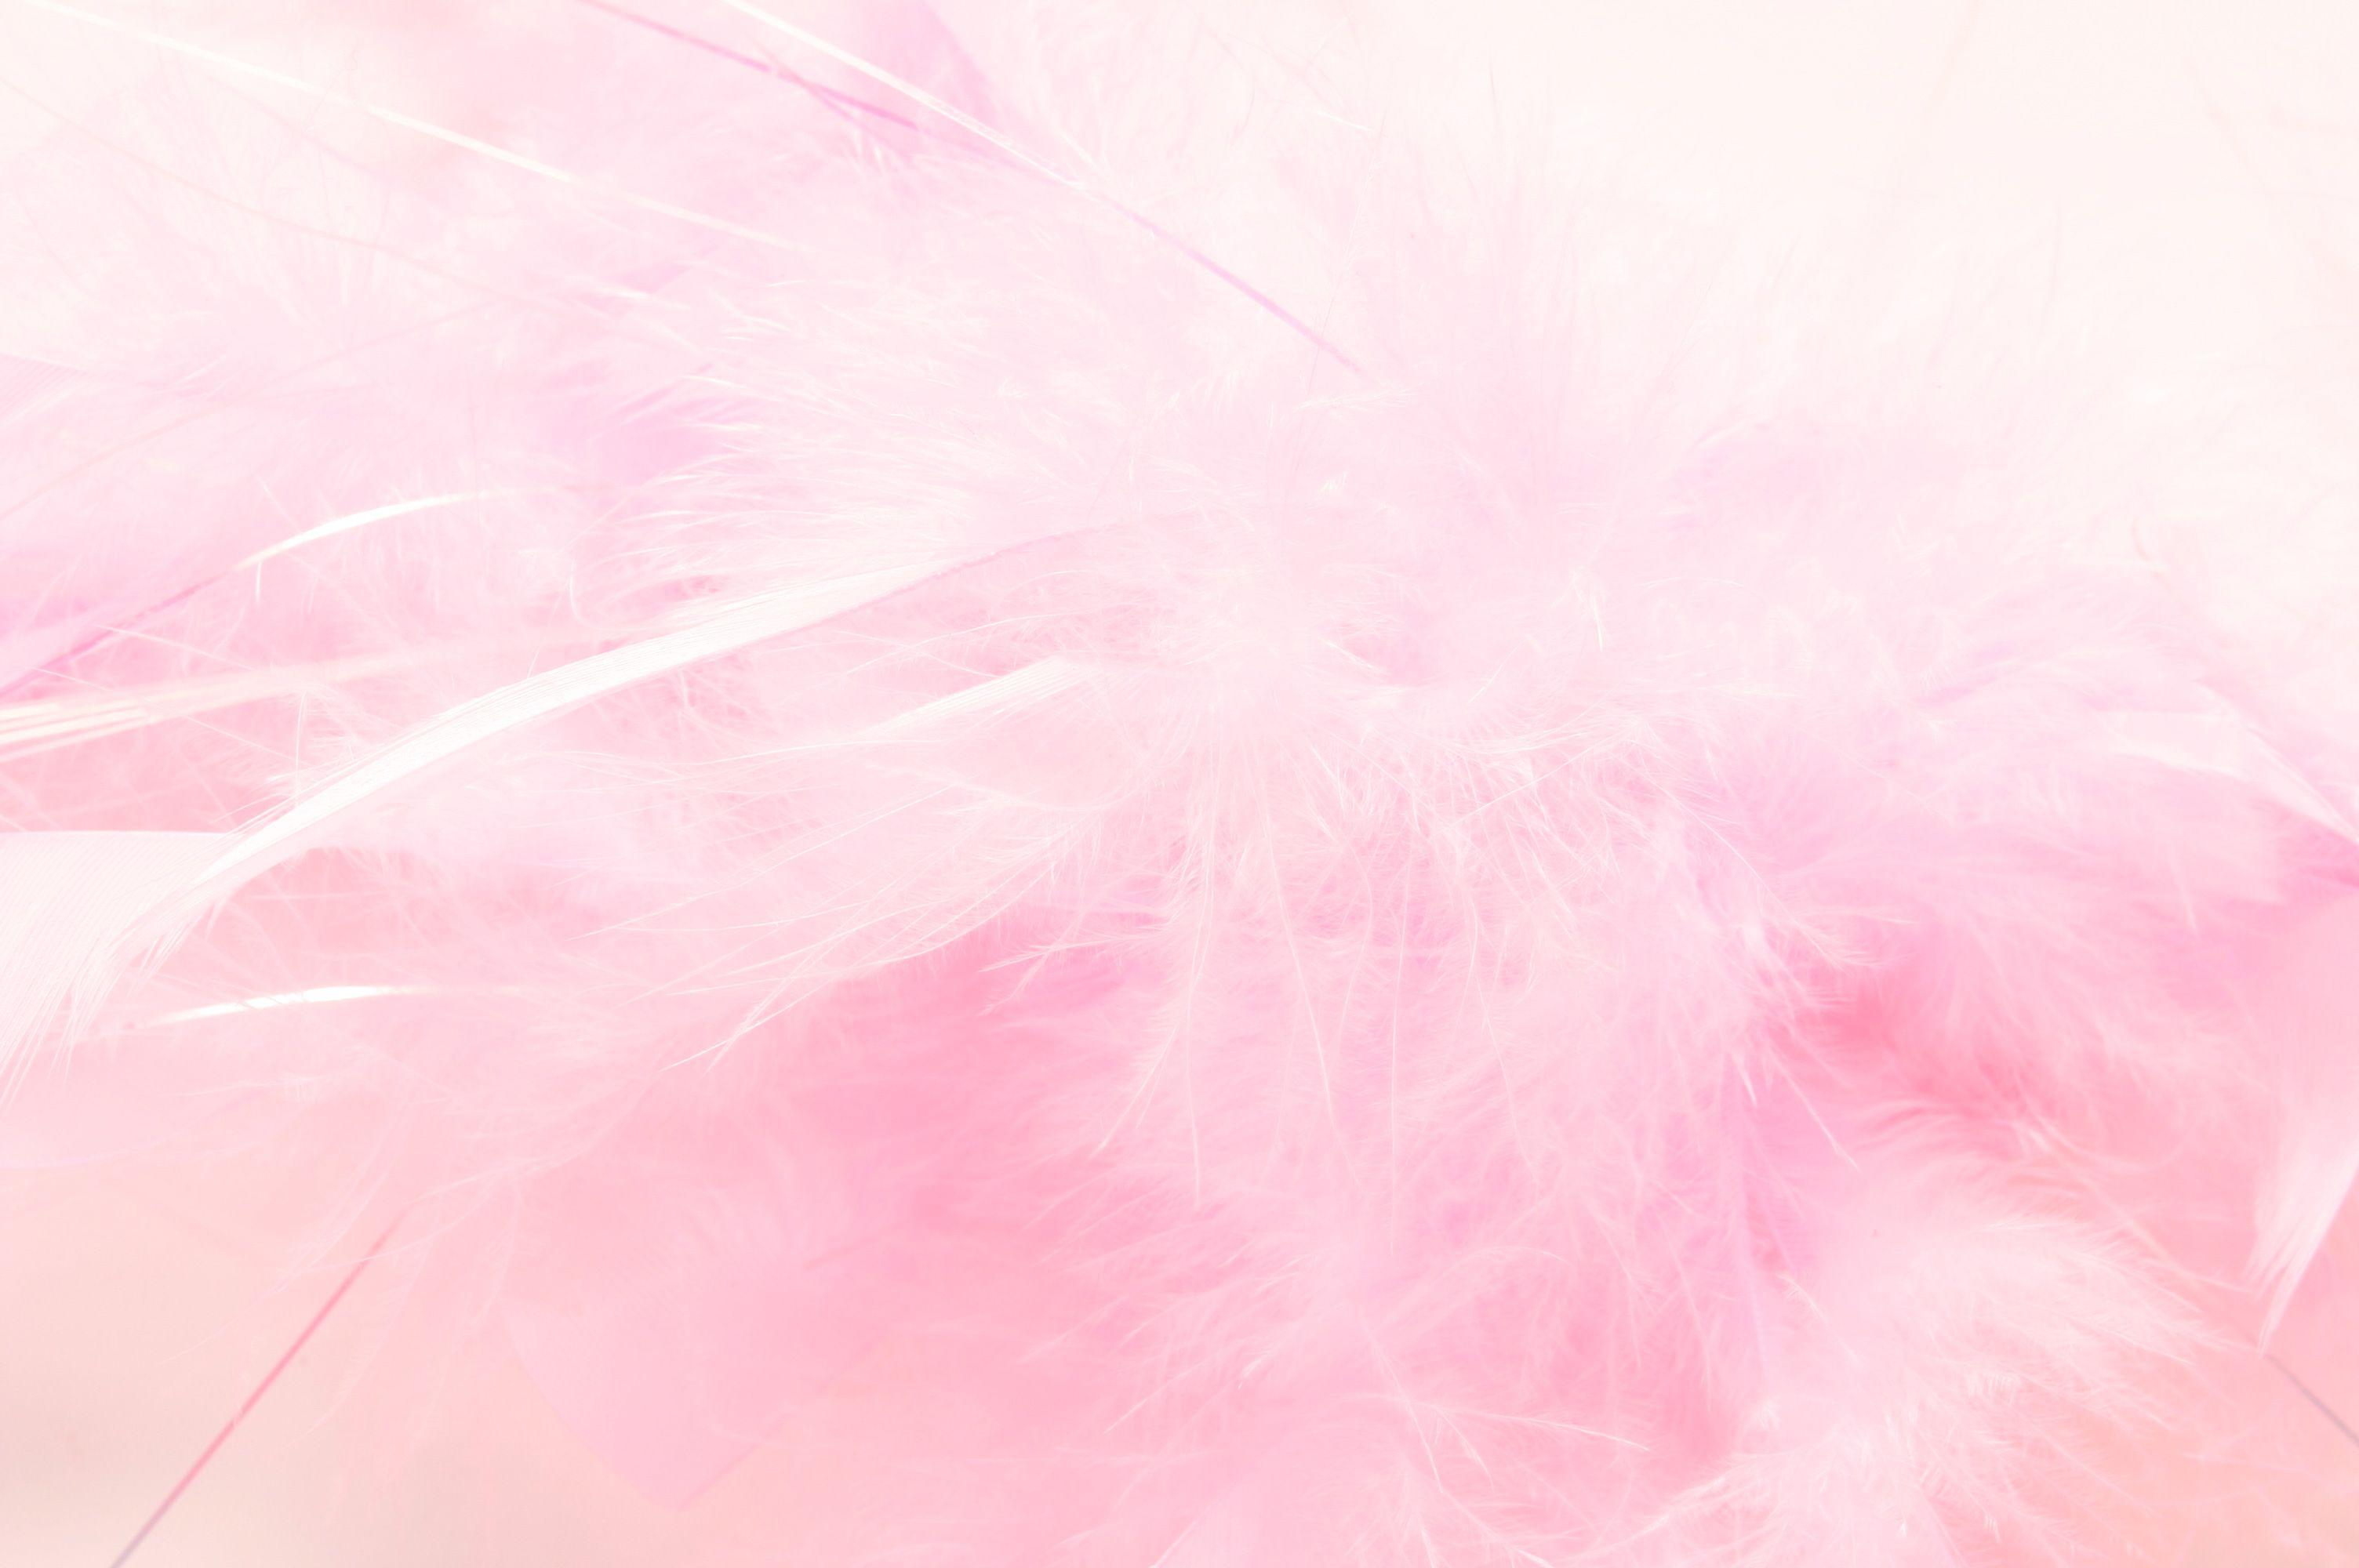 モテる ふわふわ ピンク Google 検索 モテる女 モテ ピンク